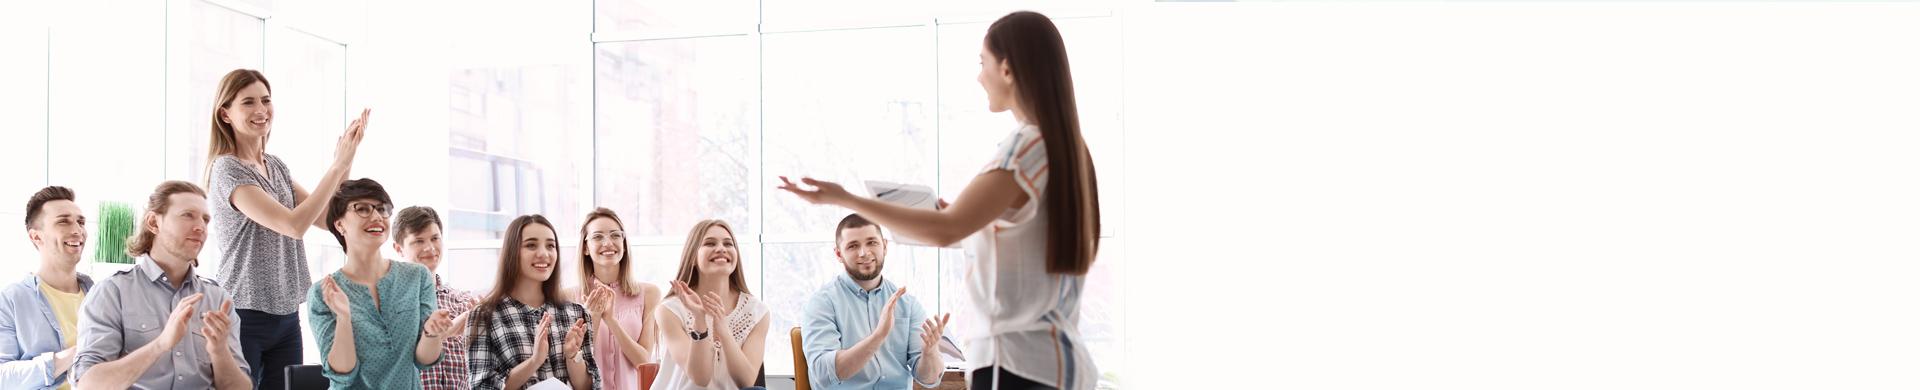 תכנית הלימודים תואר שני במינהל, מדיניות ומנהיגות בחינוך